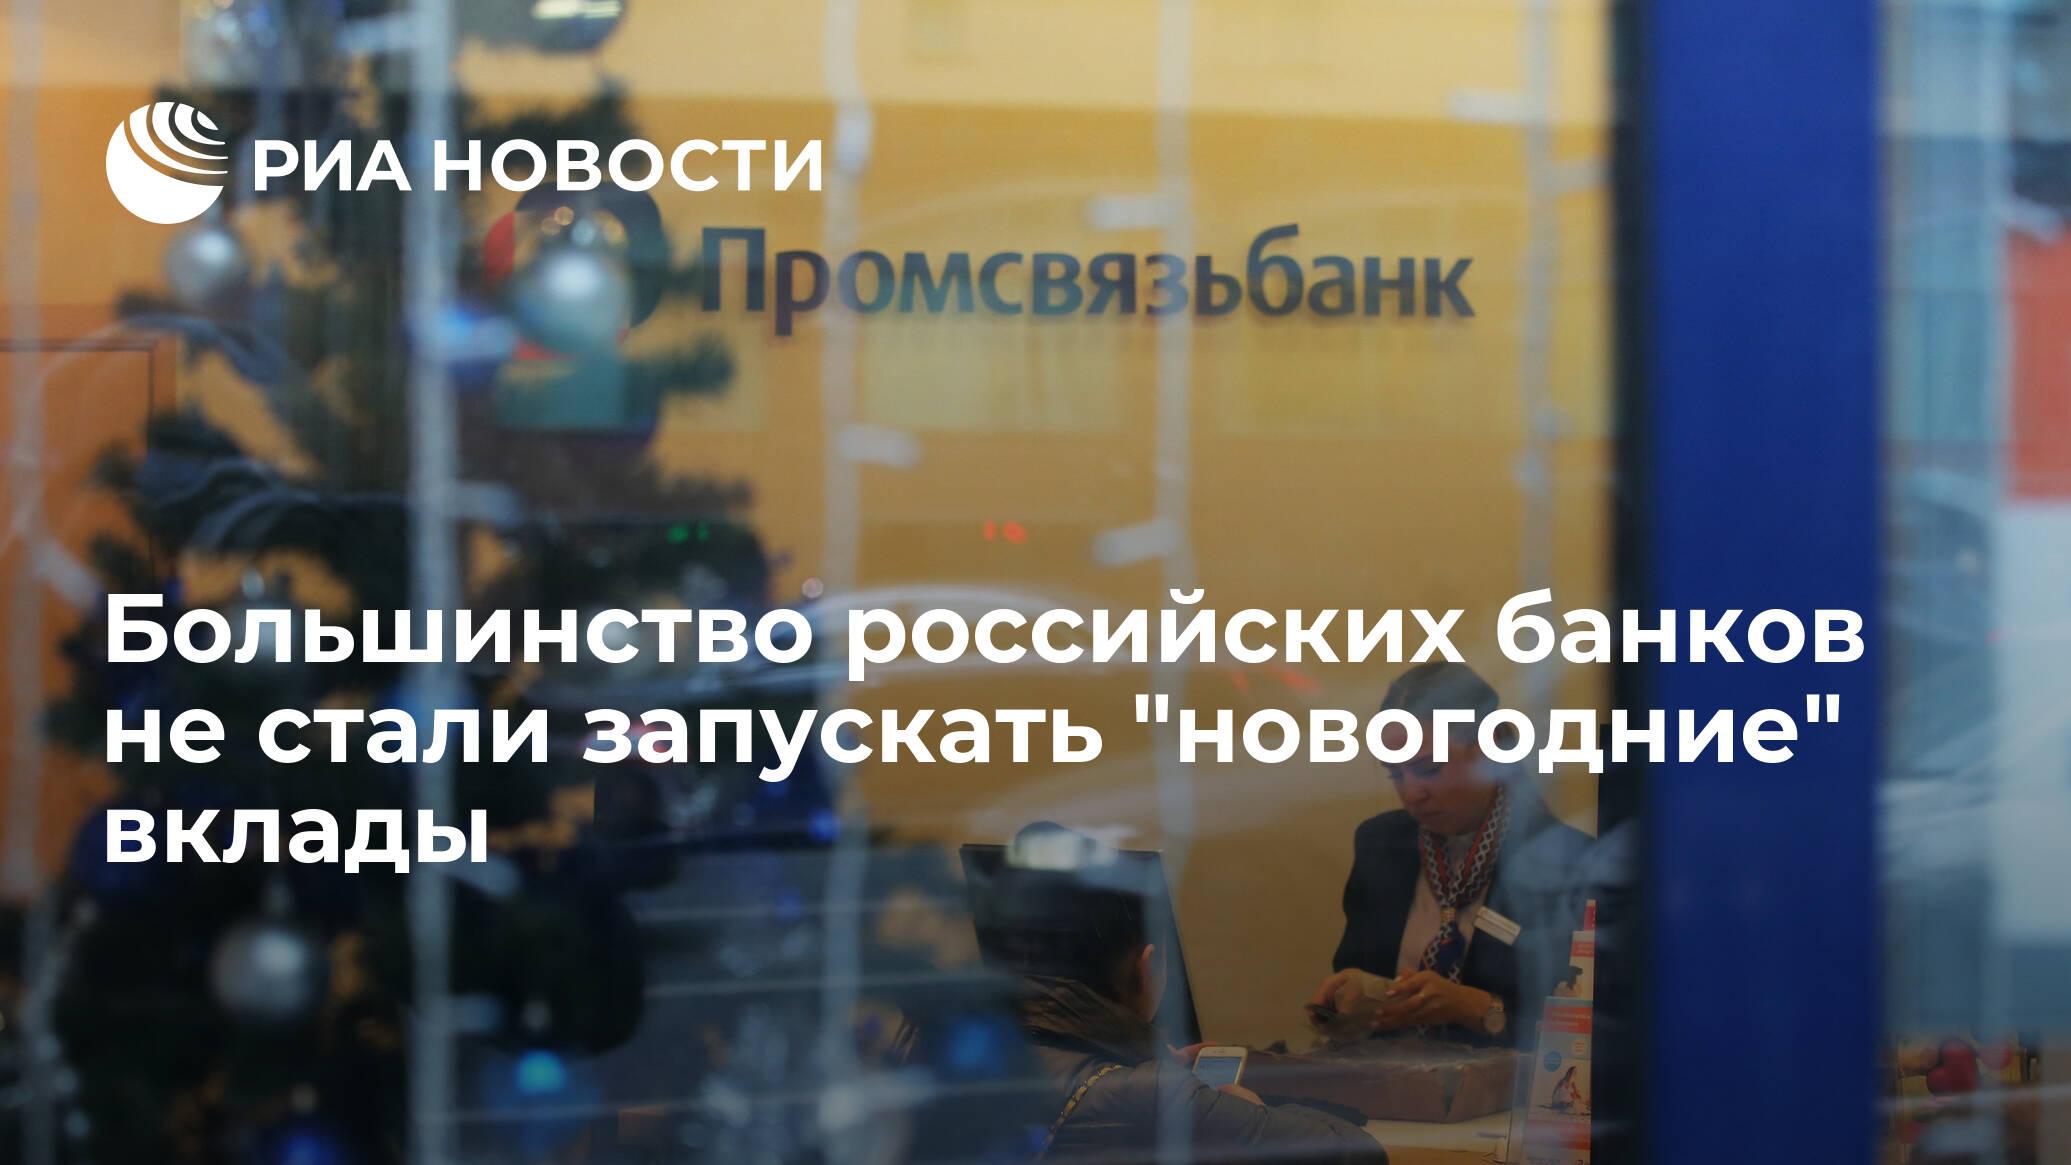 московский кредитный банк в спб вклады взять кредит 1 млн рублей в сбербанке